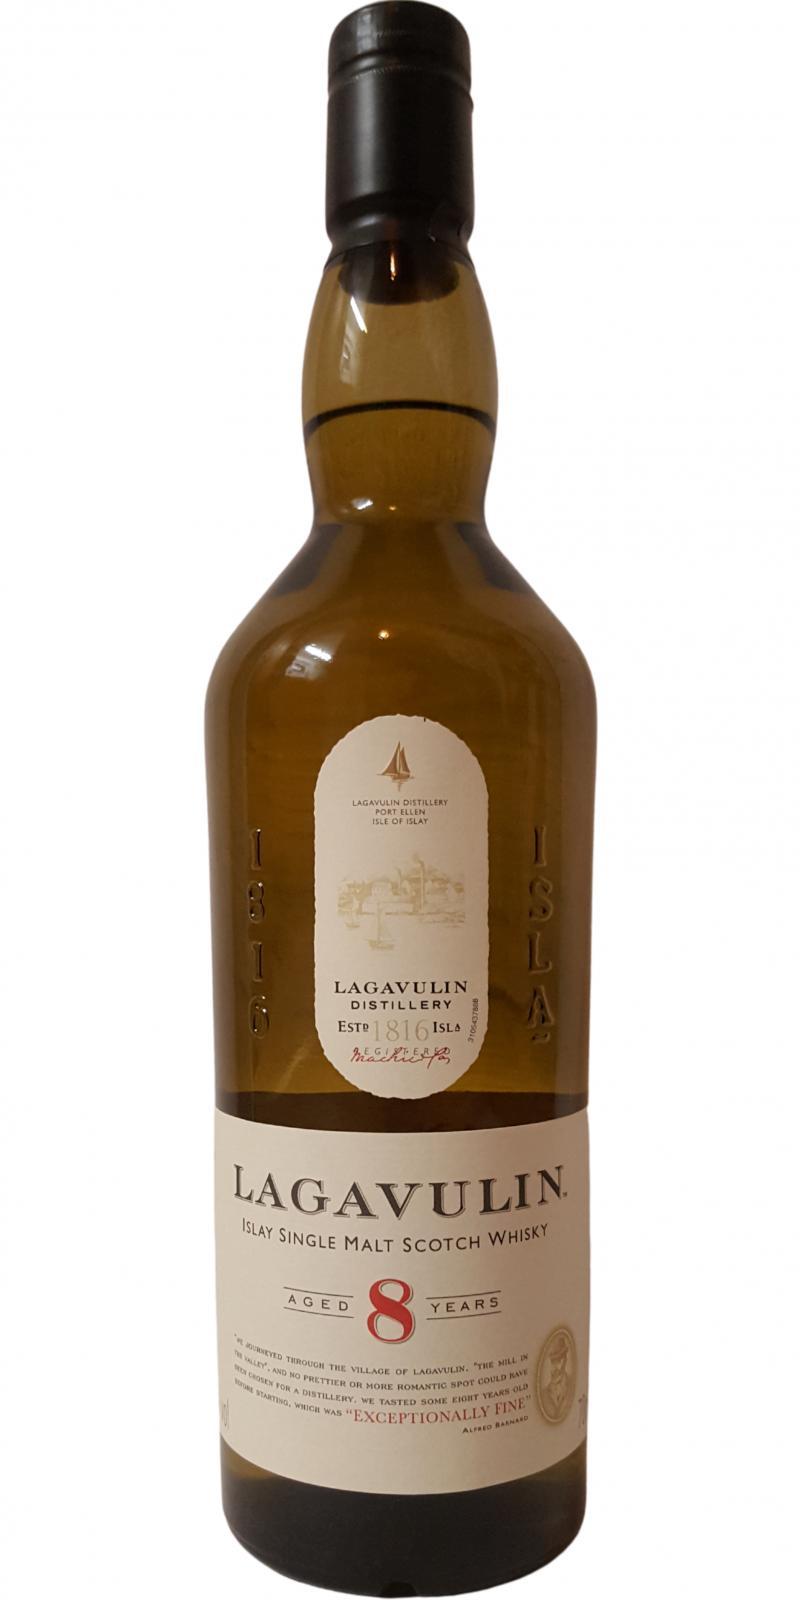 Lagavulin 08-year-old